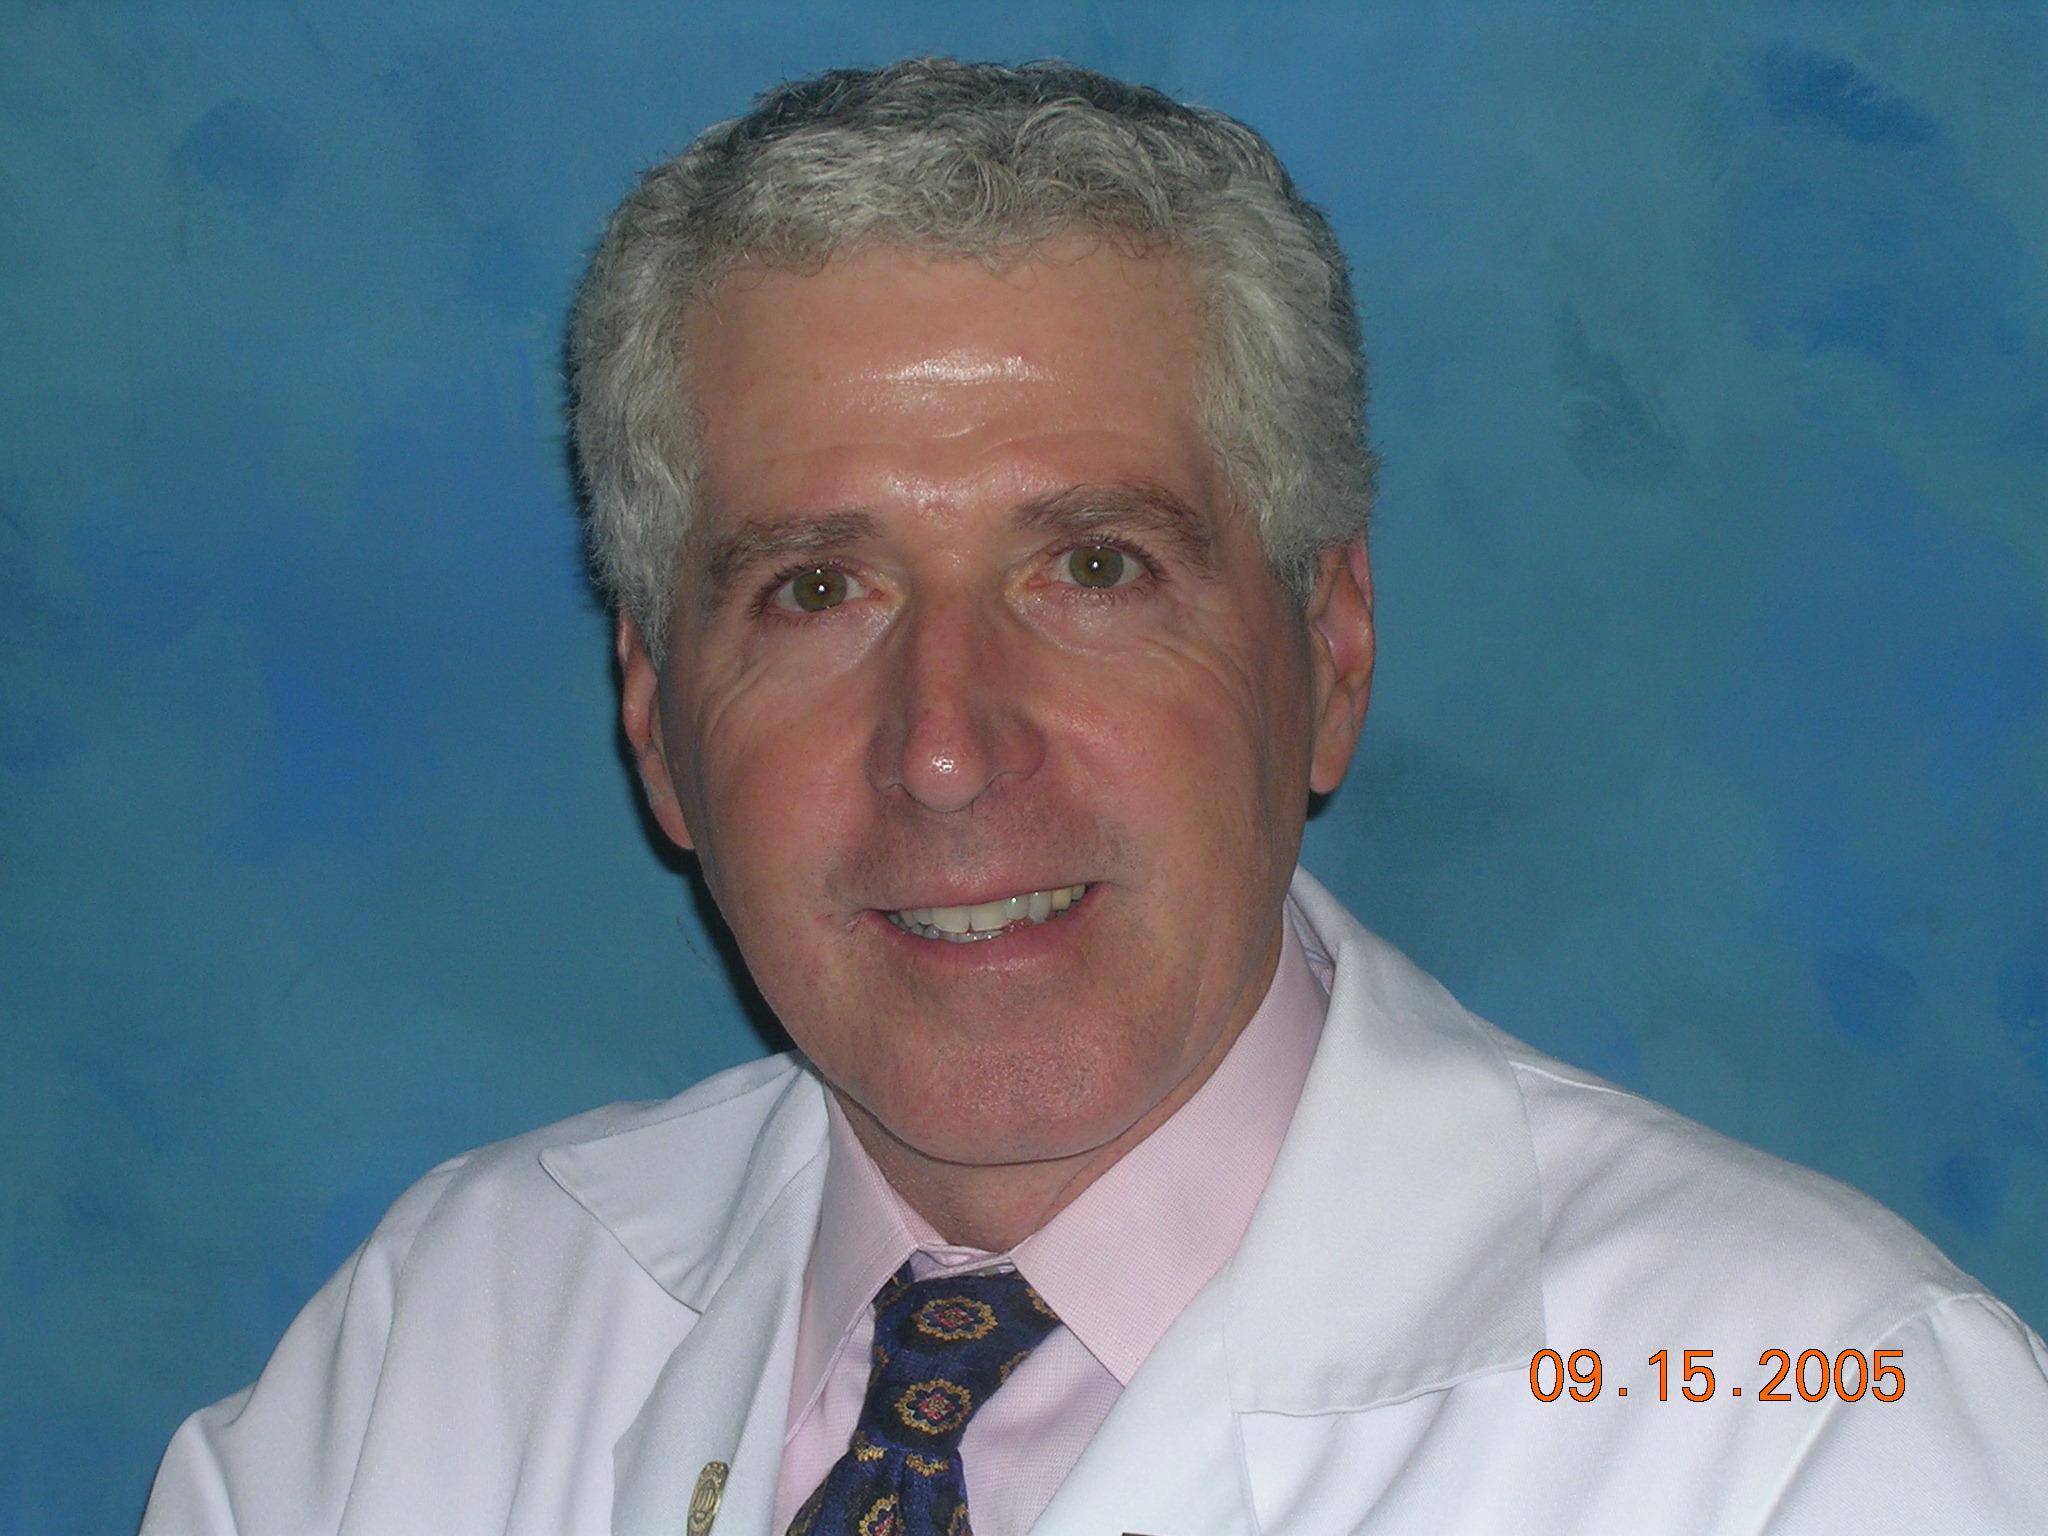 David Strobel, MD